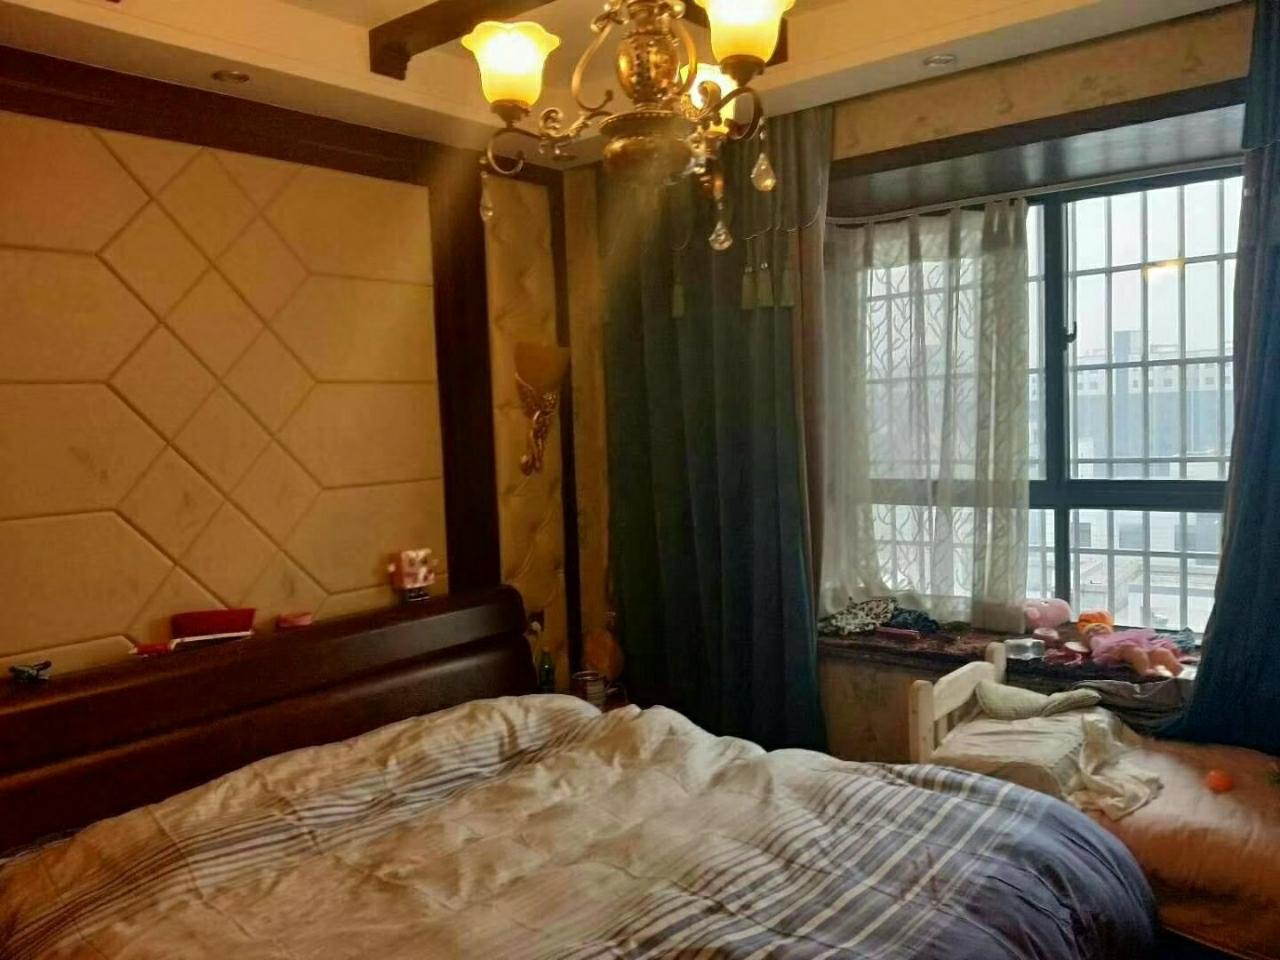 滑县宏达·梦想家园3室 2厅 2卫88万元